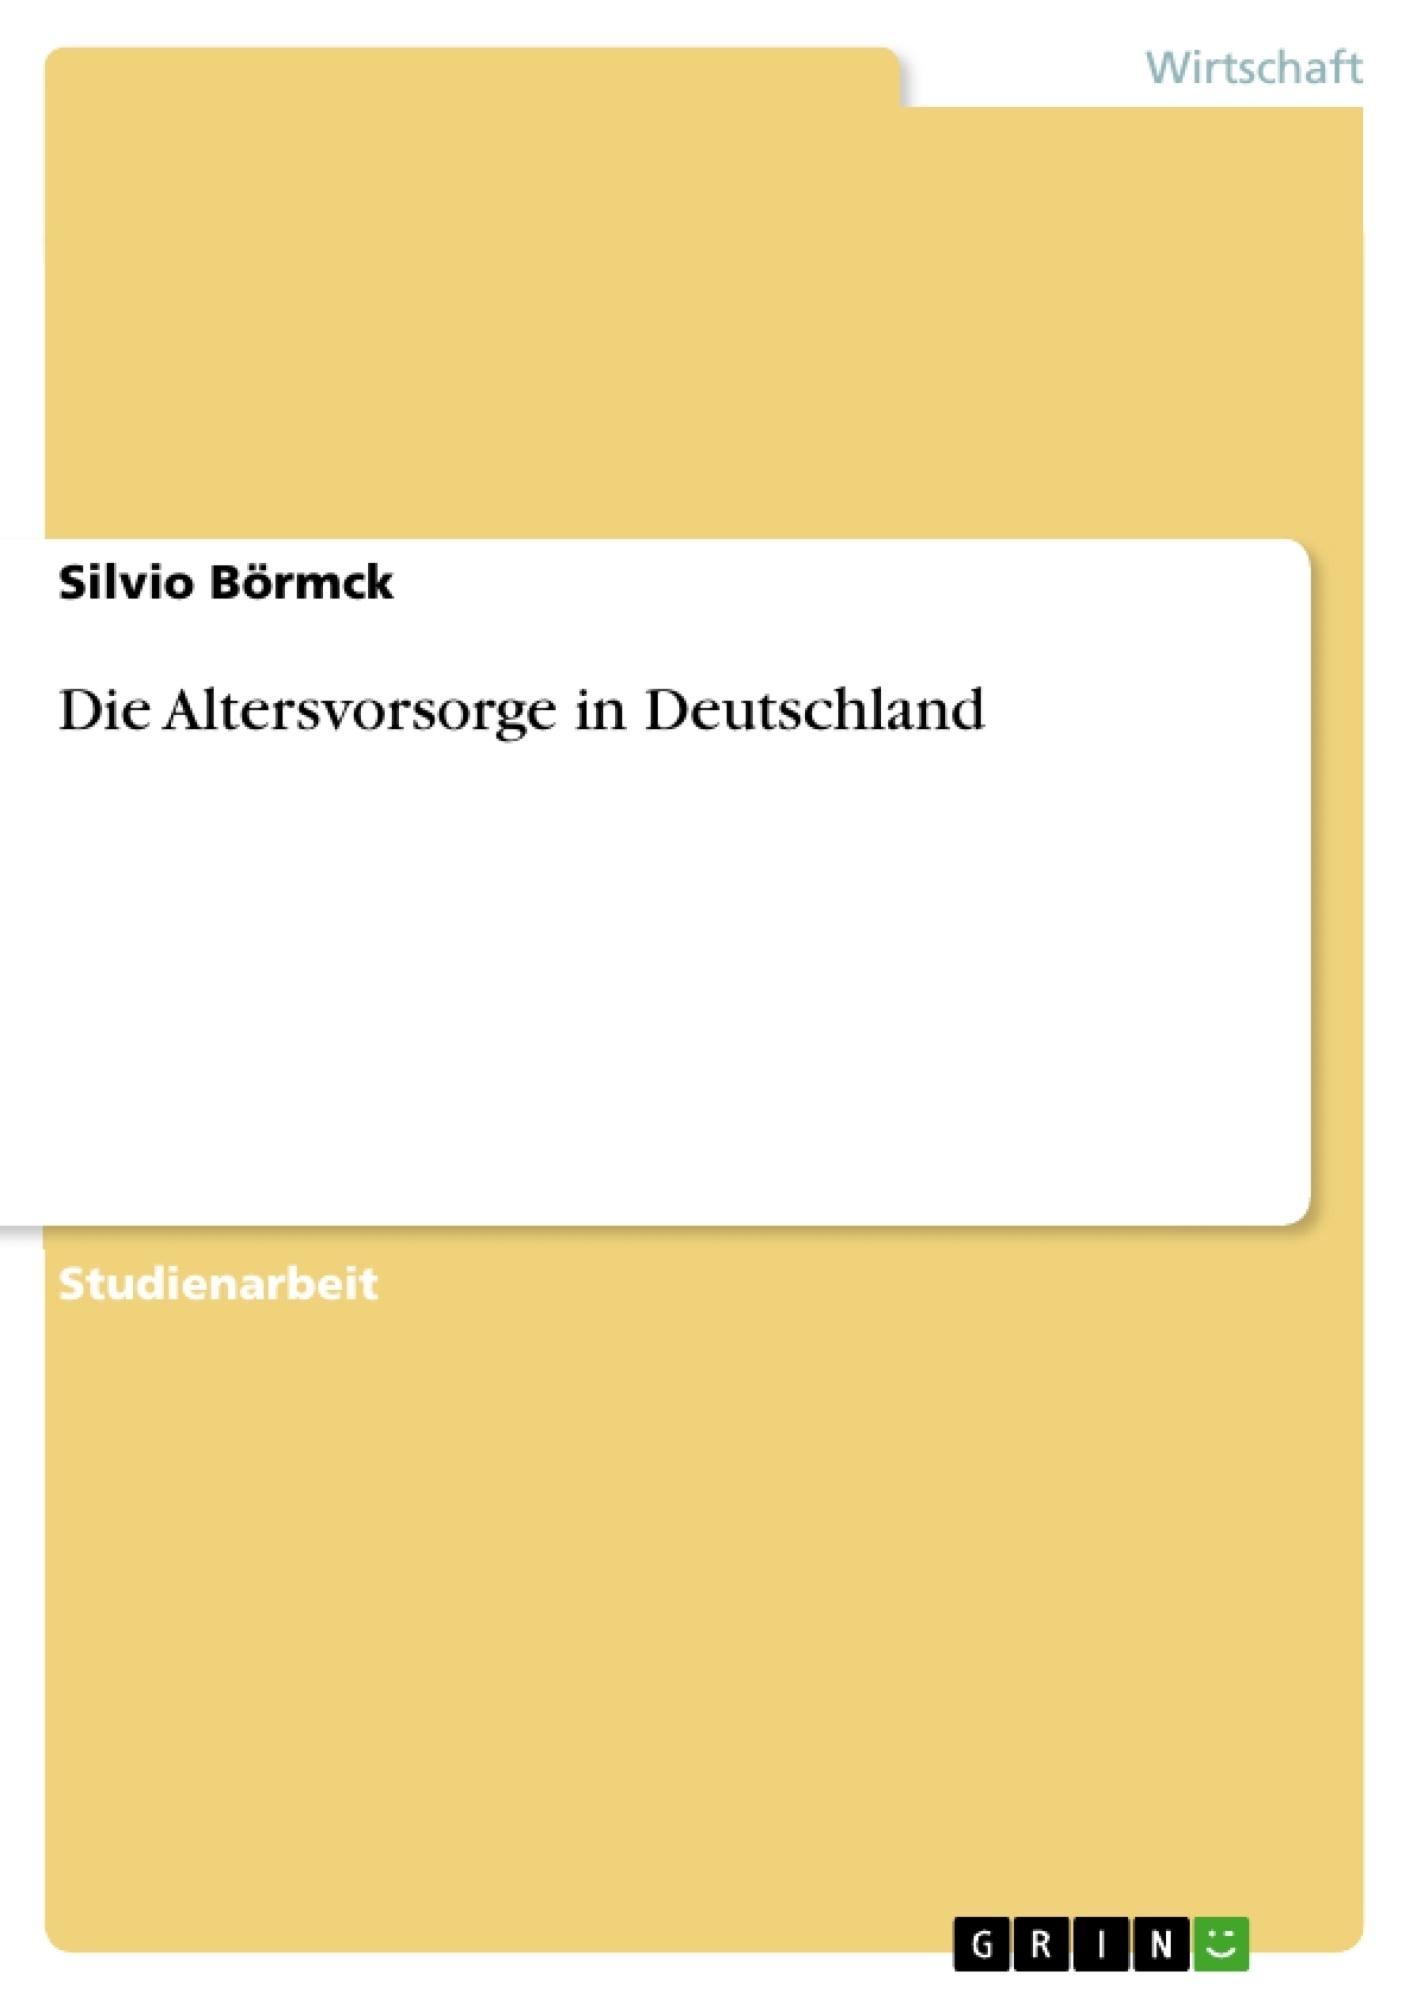 Titel: Die Altersvorsorge in Deutschland